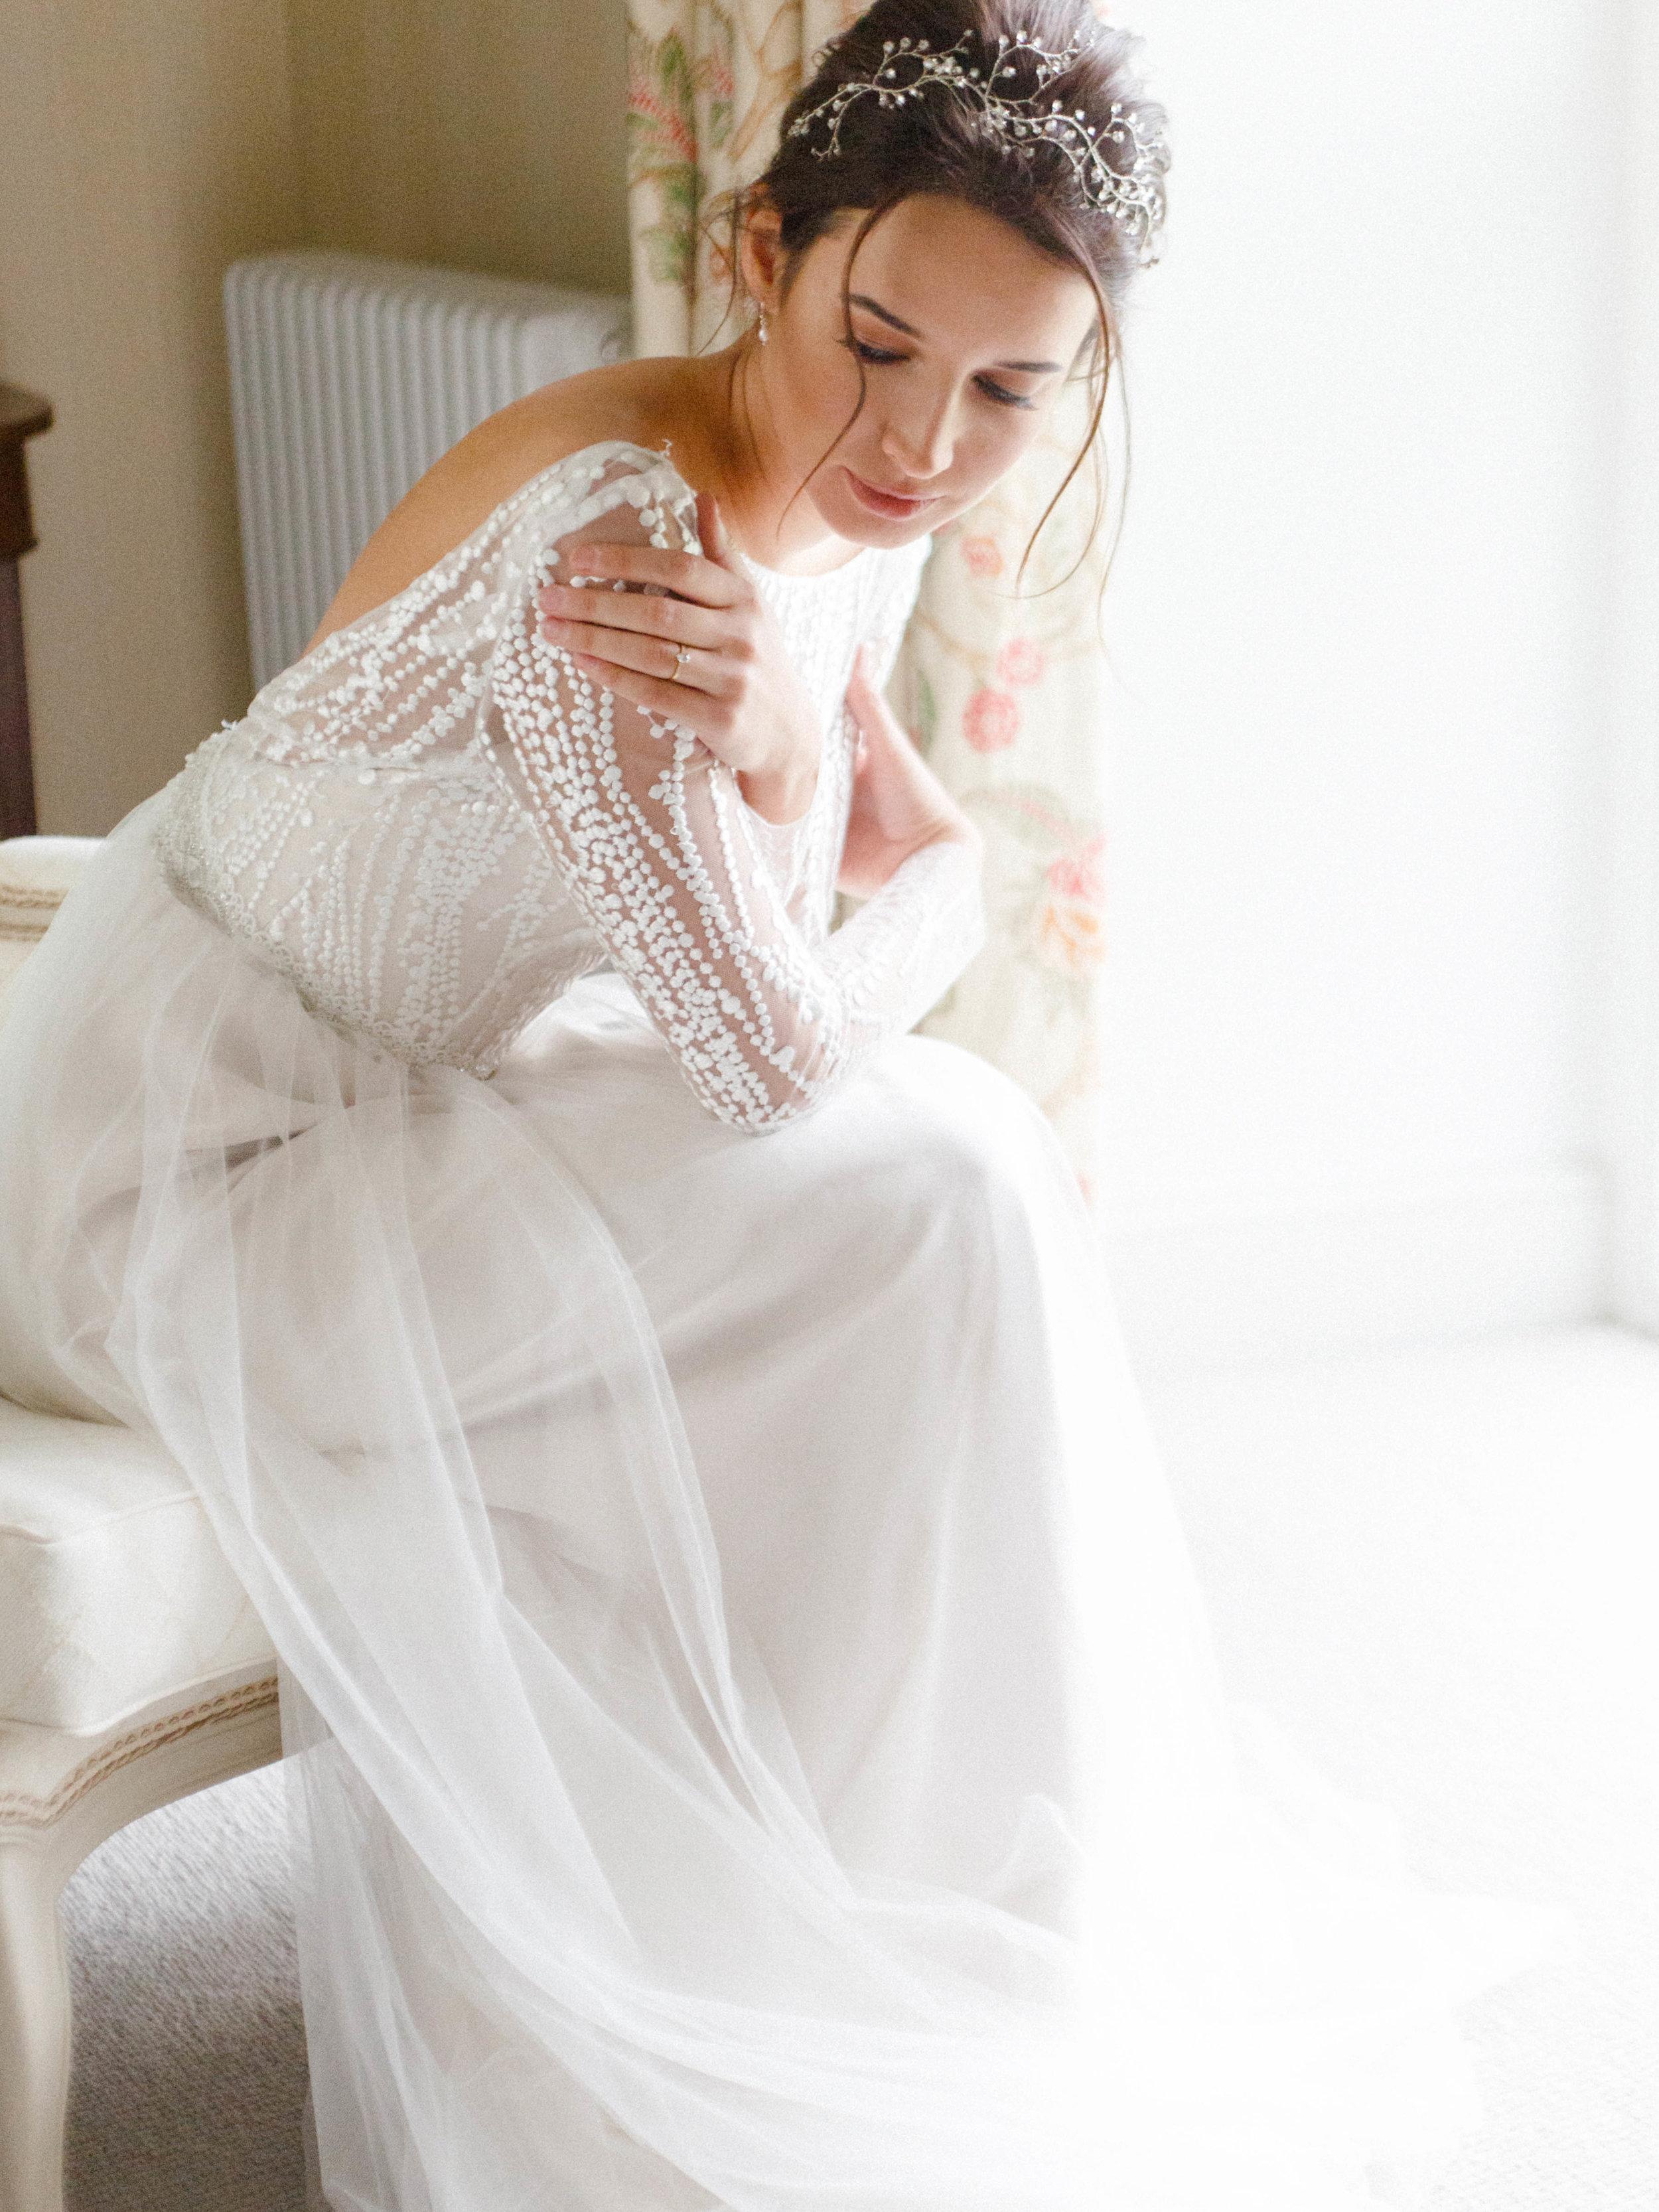 claire-graham-photography-syon-park-elopement-181.jpg